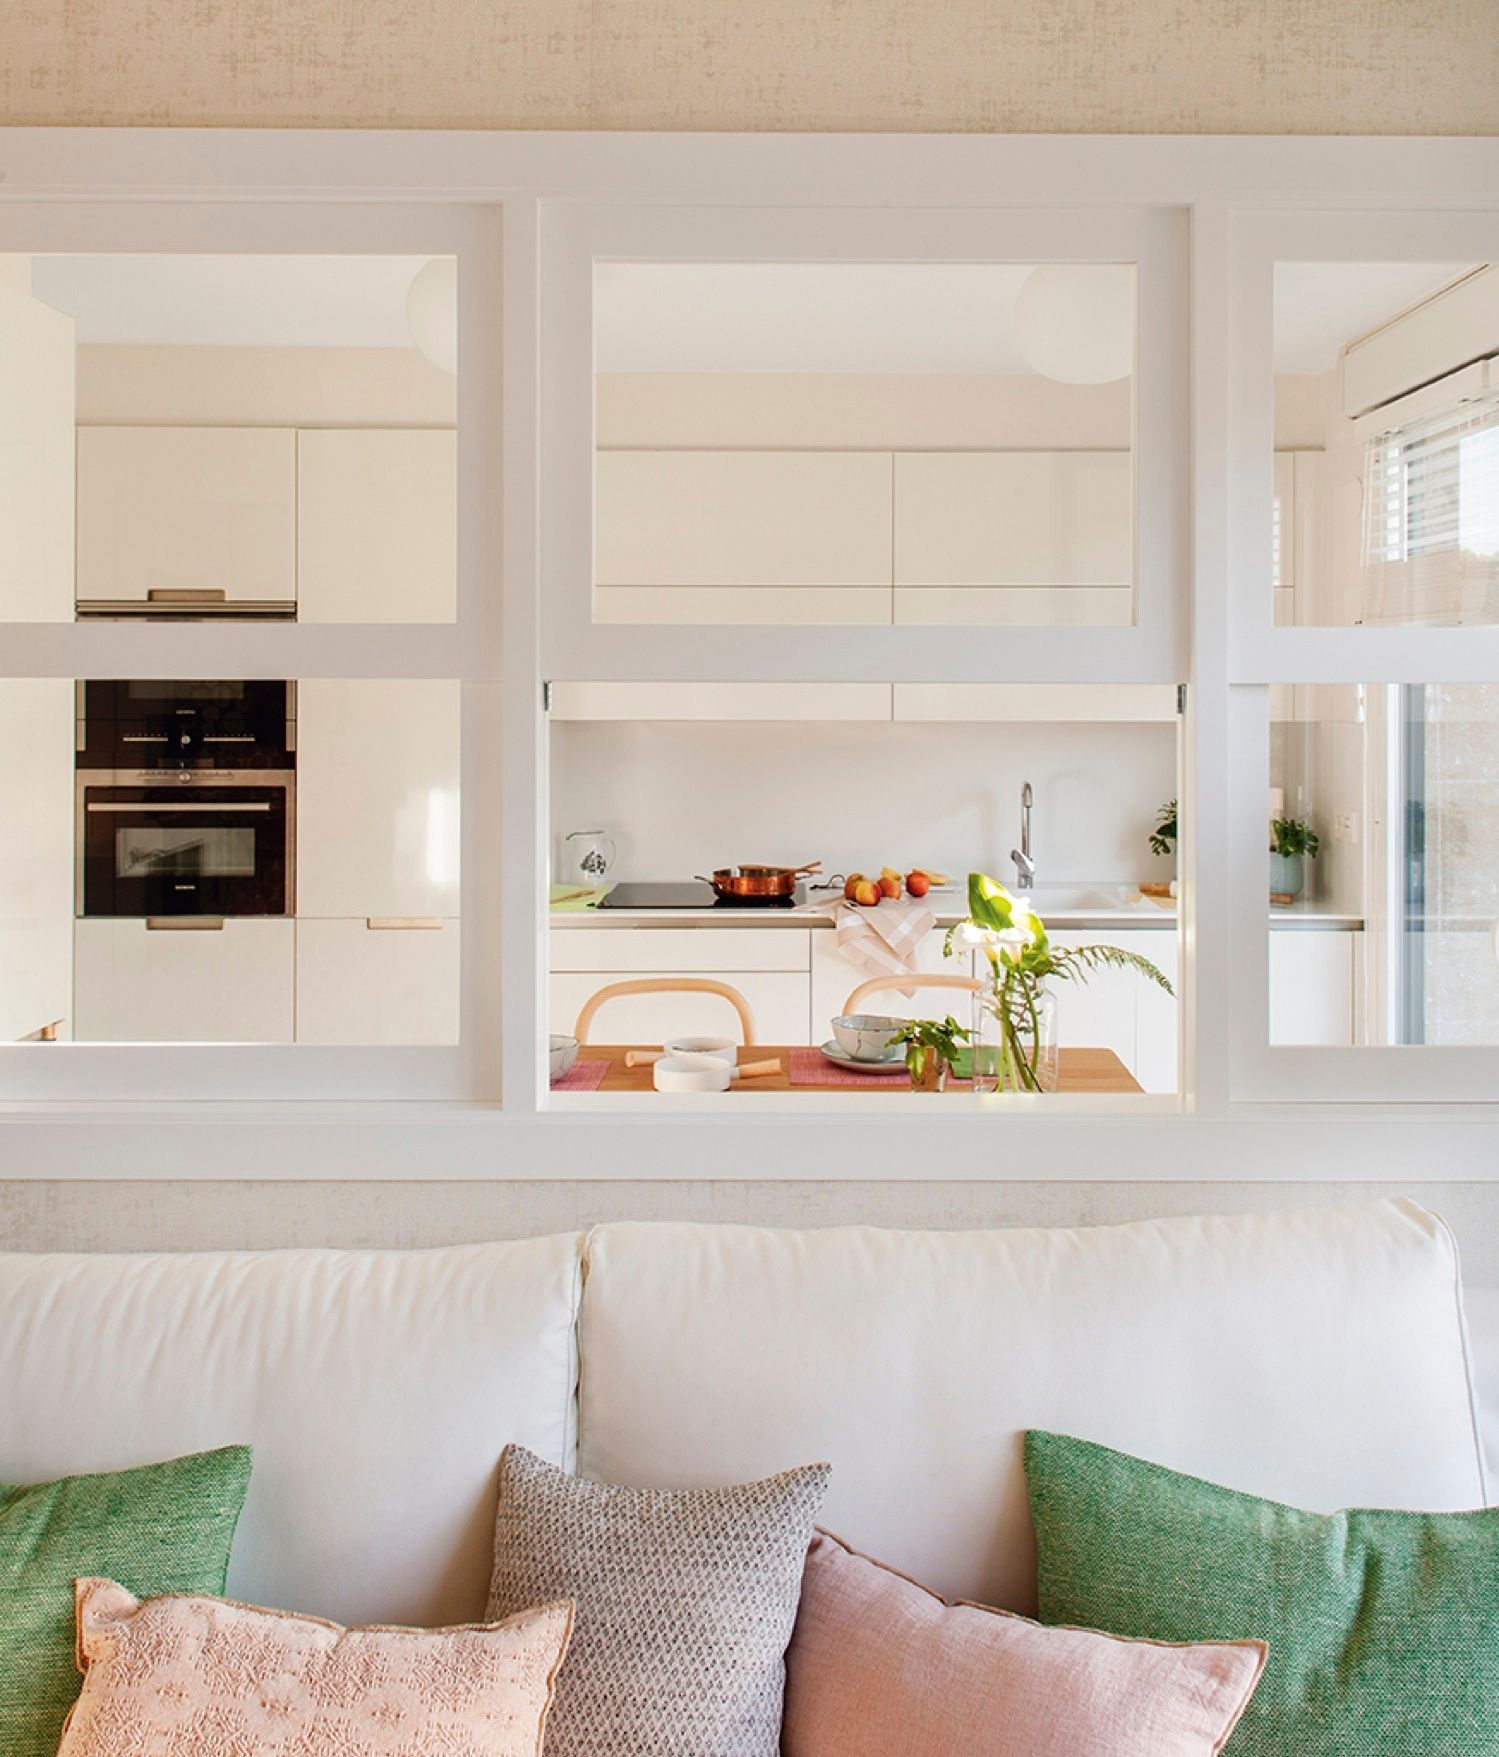 Ventana que conecta la cocina y el sal n 411866 ideas - Luz para cocinas ...